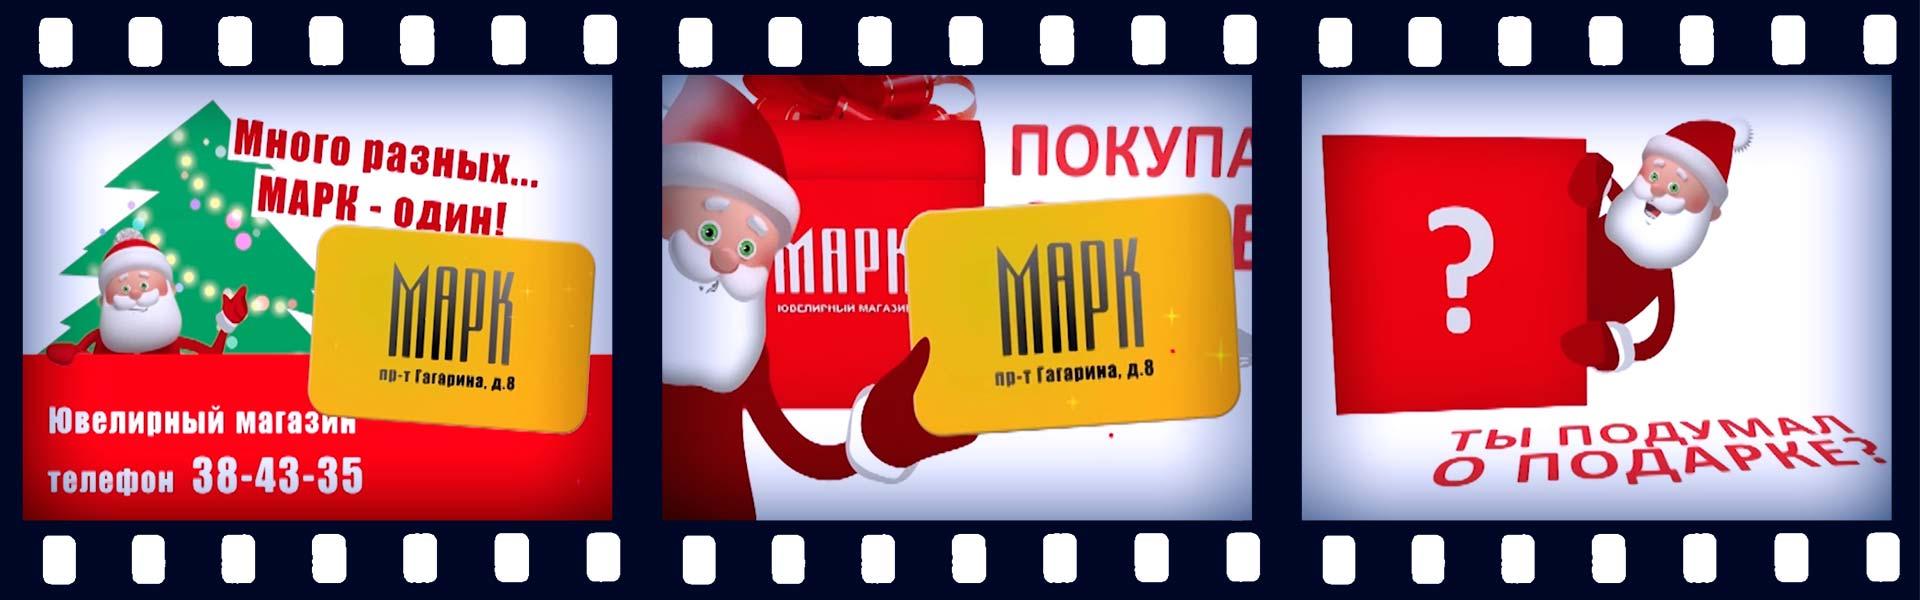 """Новогодний анимационный ролик """"Марк"""""""